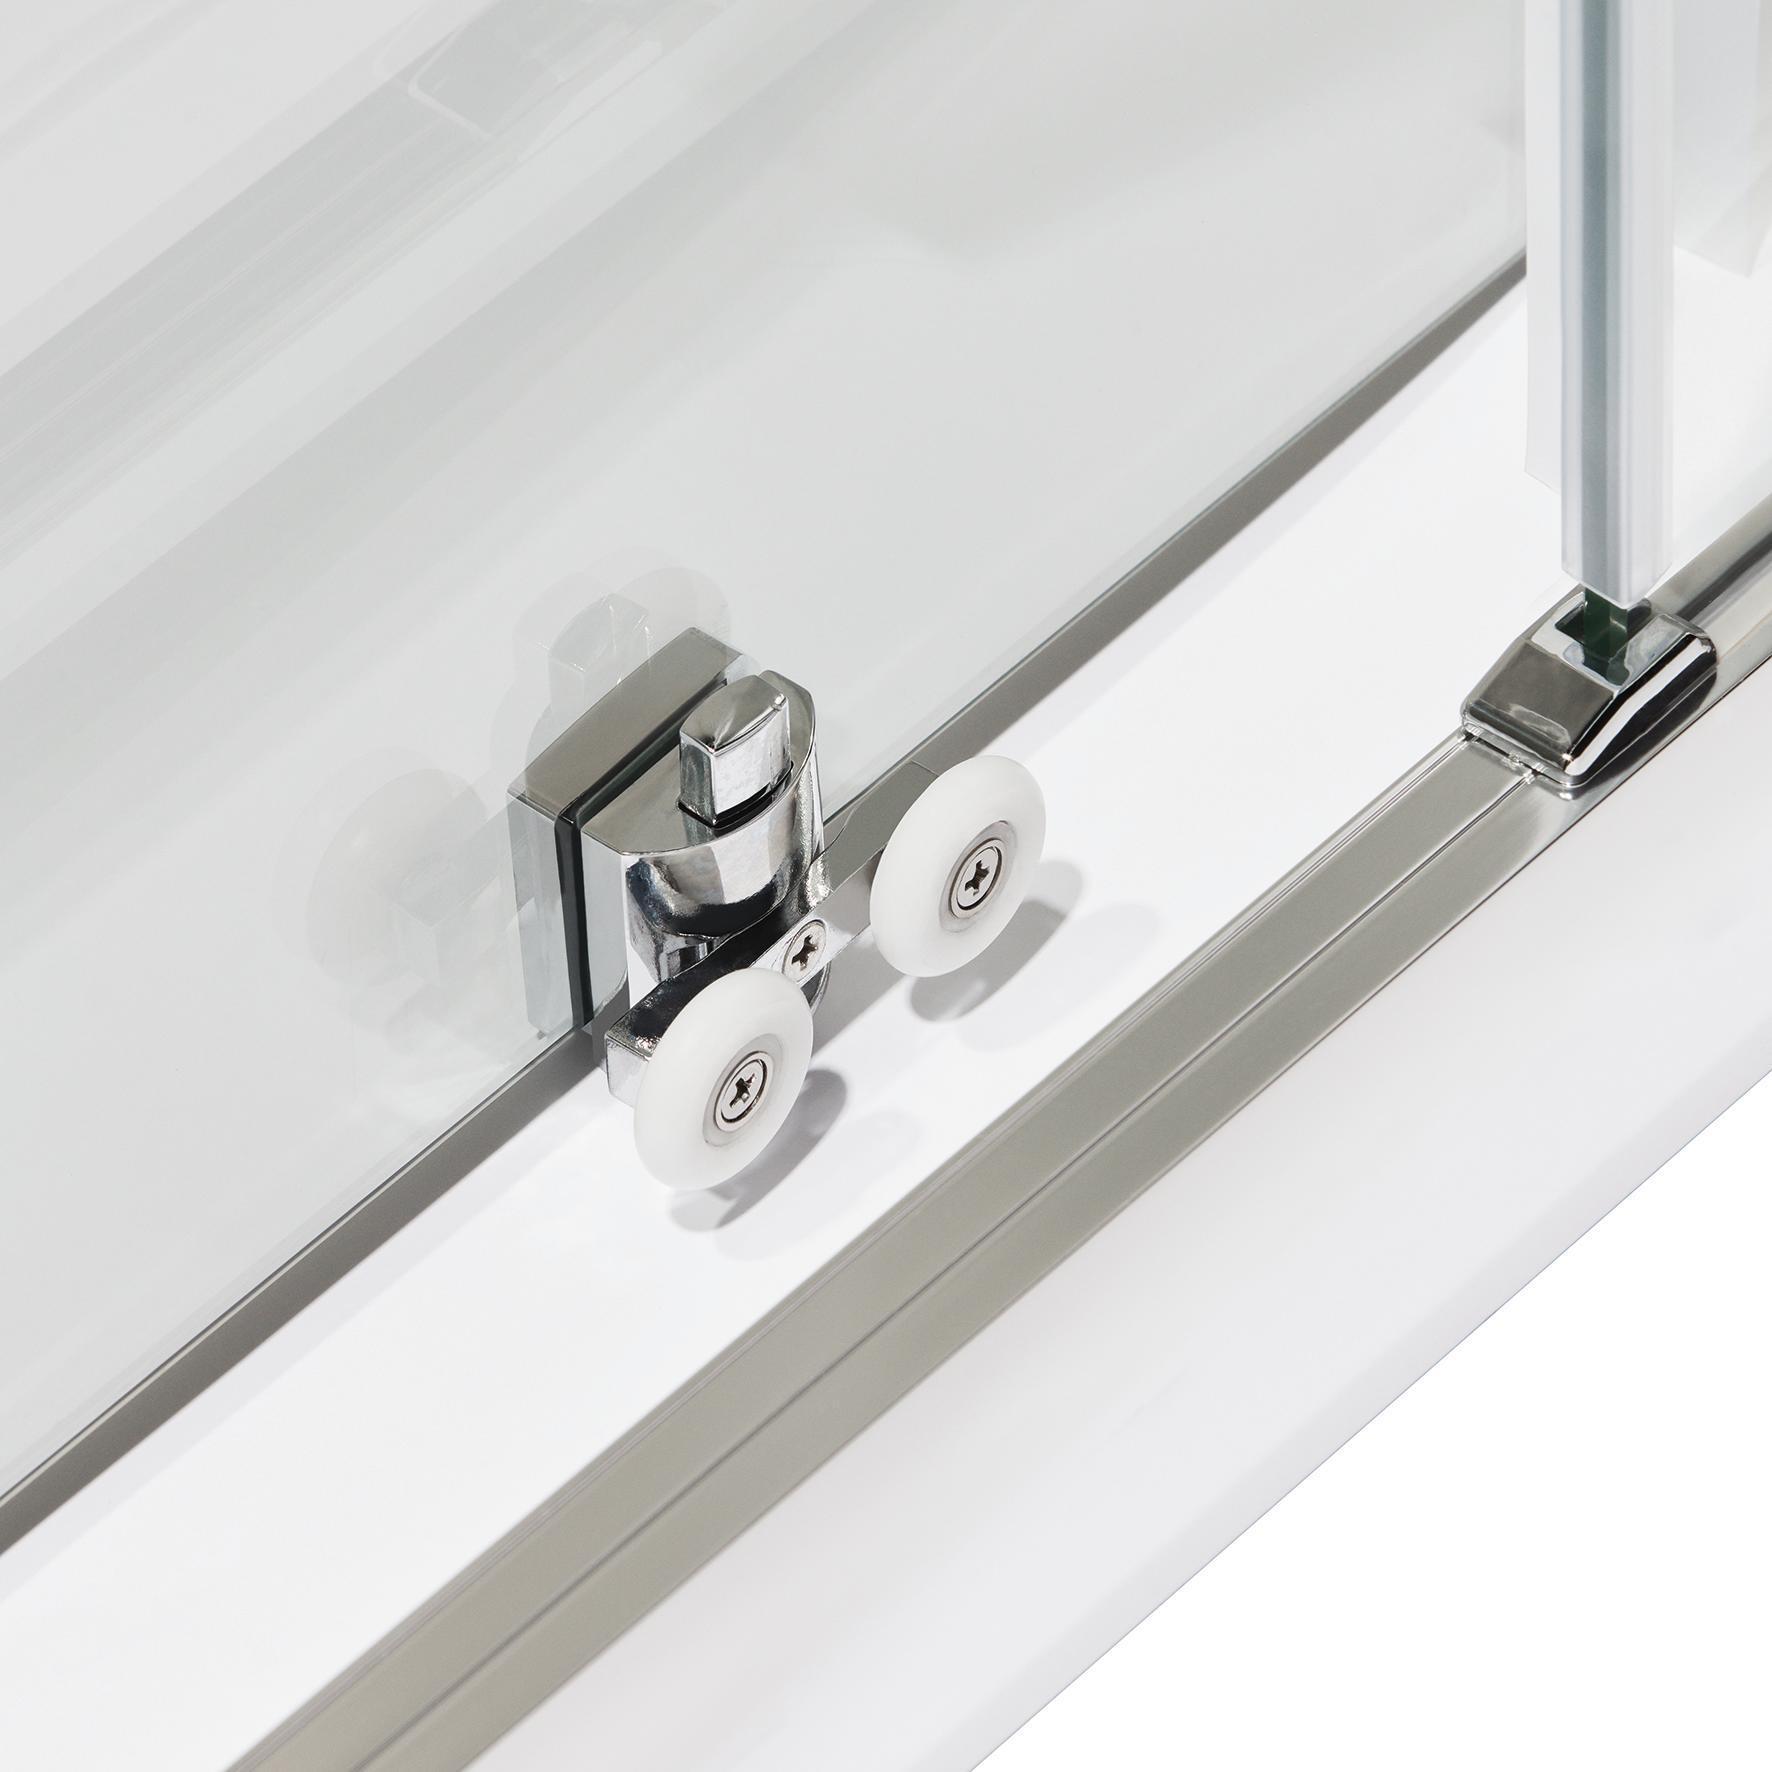 Box doccia quadrato scorrevole Quad 80 x 100 cm, H 190 cm in vetro temprato, spessore 6 mm trasparente argento - 4